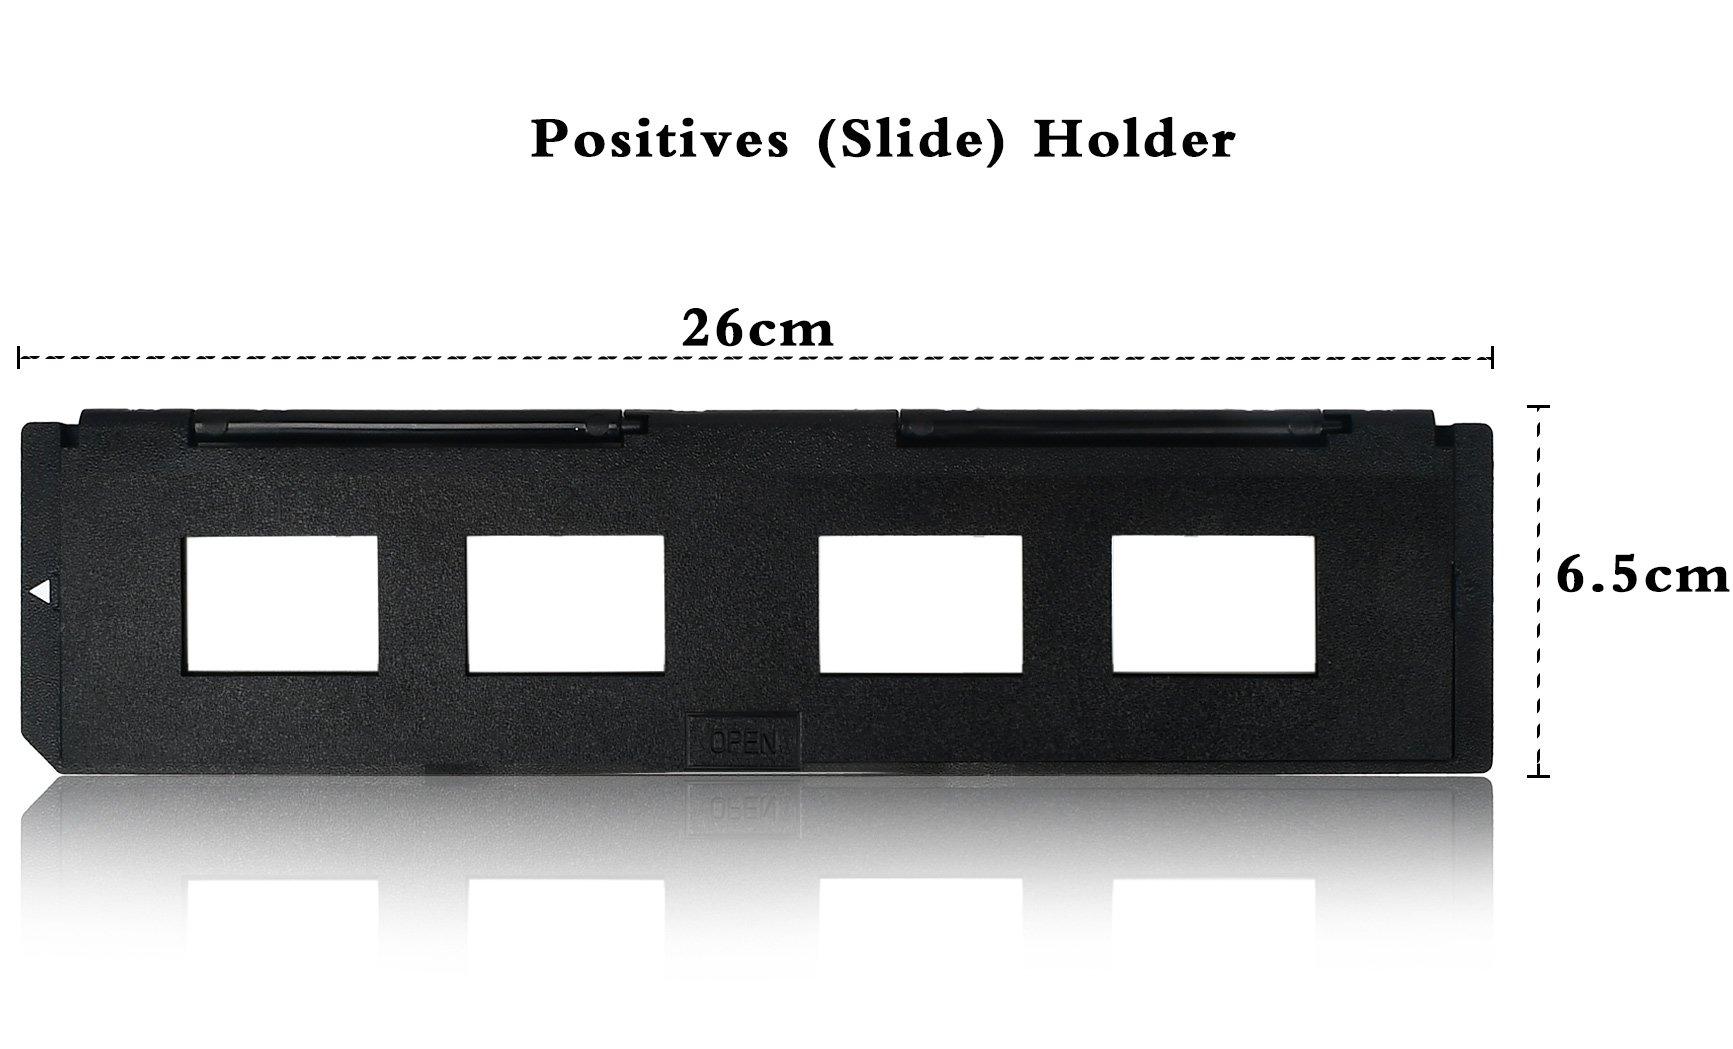 DIGITNOW! 1 Pack Spare 135 Slide Holder and 1 pack spare 35mm film holder for Slide/film Scanner(7200, 7200u, 120 Pro Scanners) by DIGITNOW (Image #3)